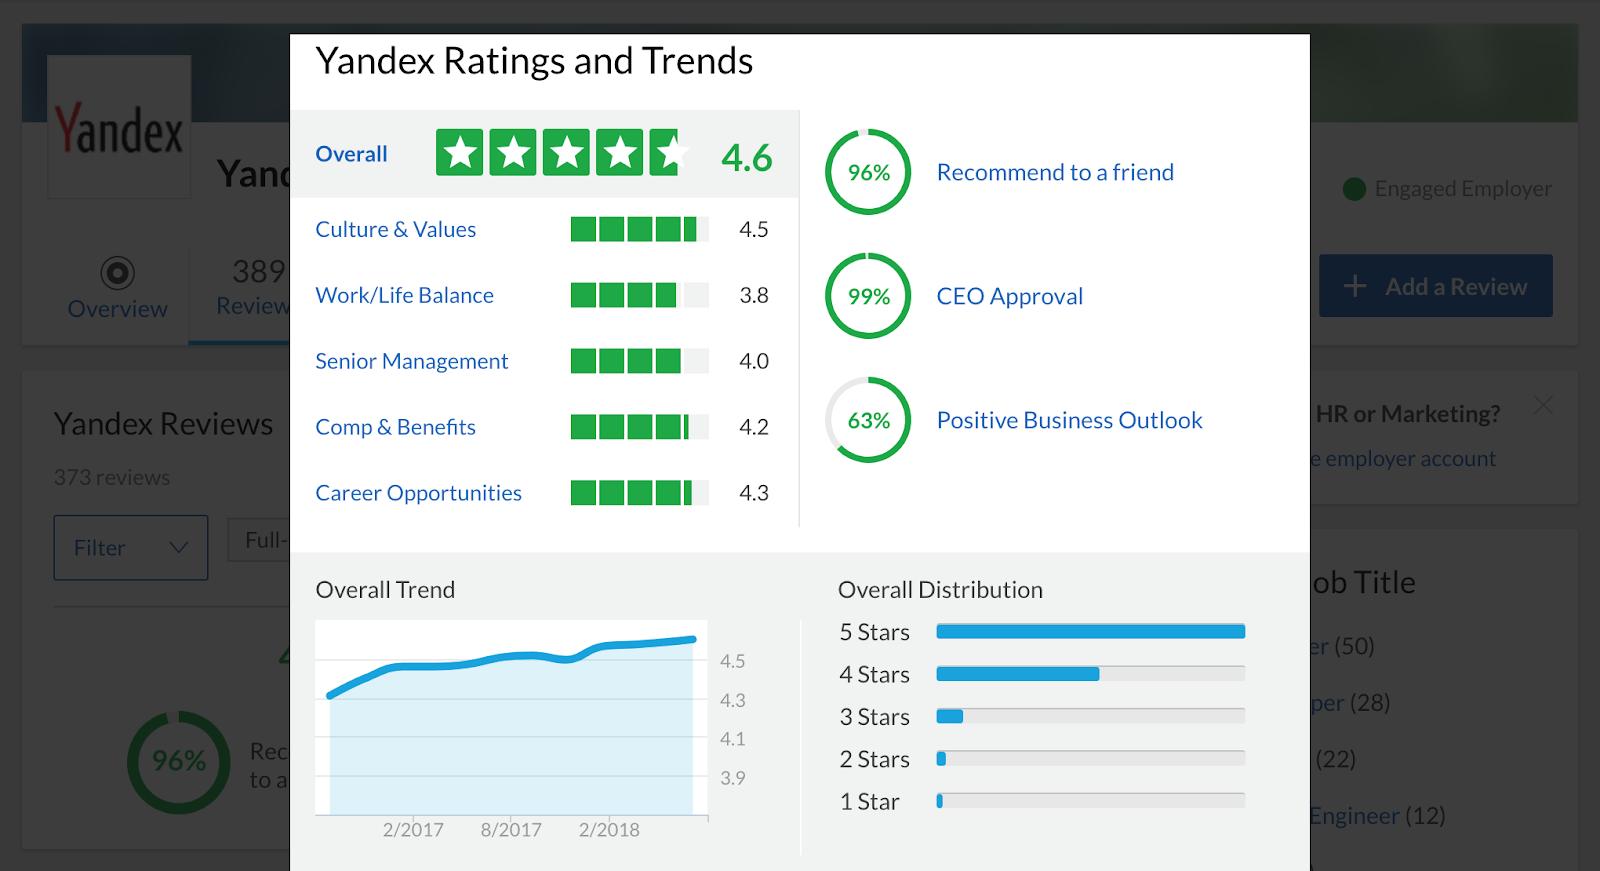 Где и как разработчики оценивают своих работодателей? Сервисы оценки компаний в ИТ-индустрии - 3